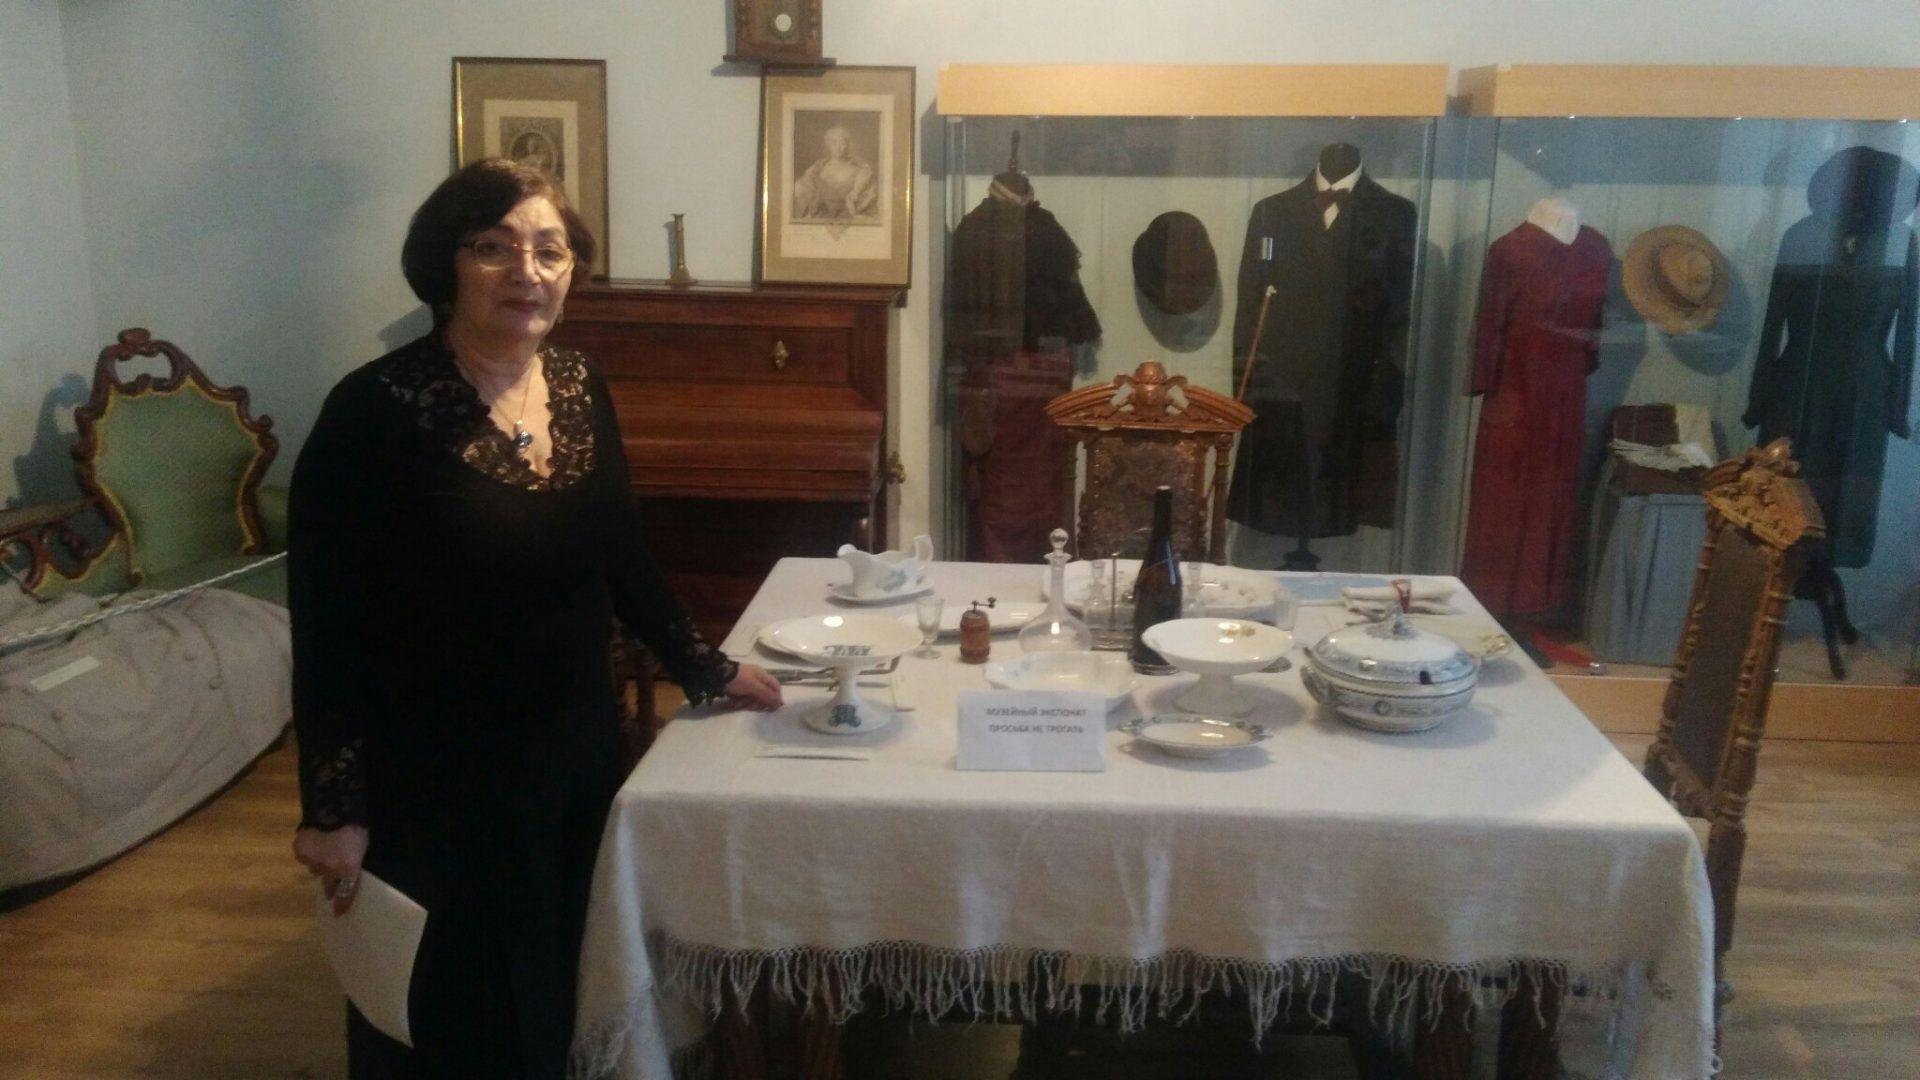 директор музея Изабелла Рожкова показывает дворянскую столовую. Фото: Максим Землянский